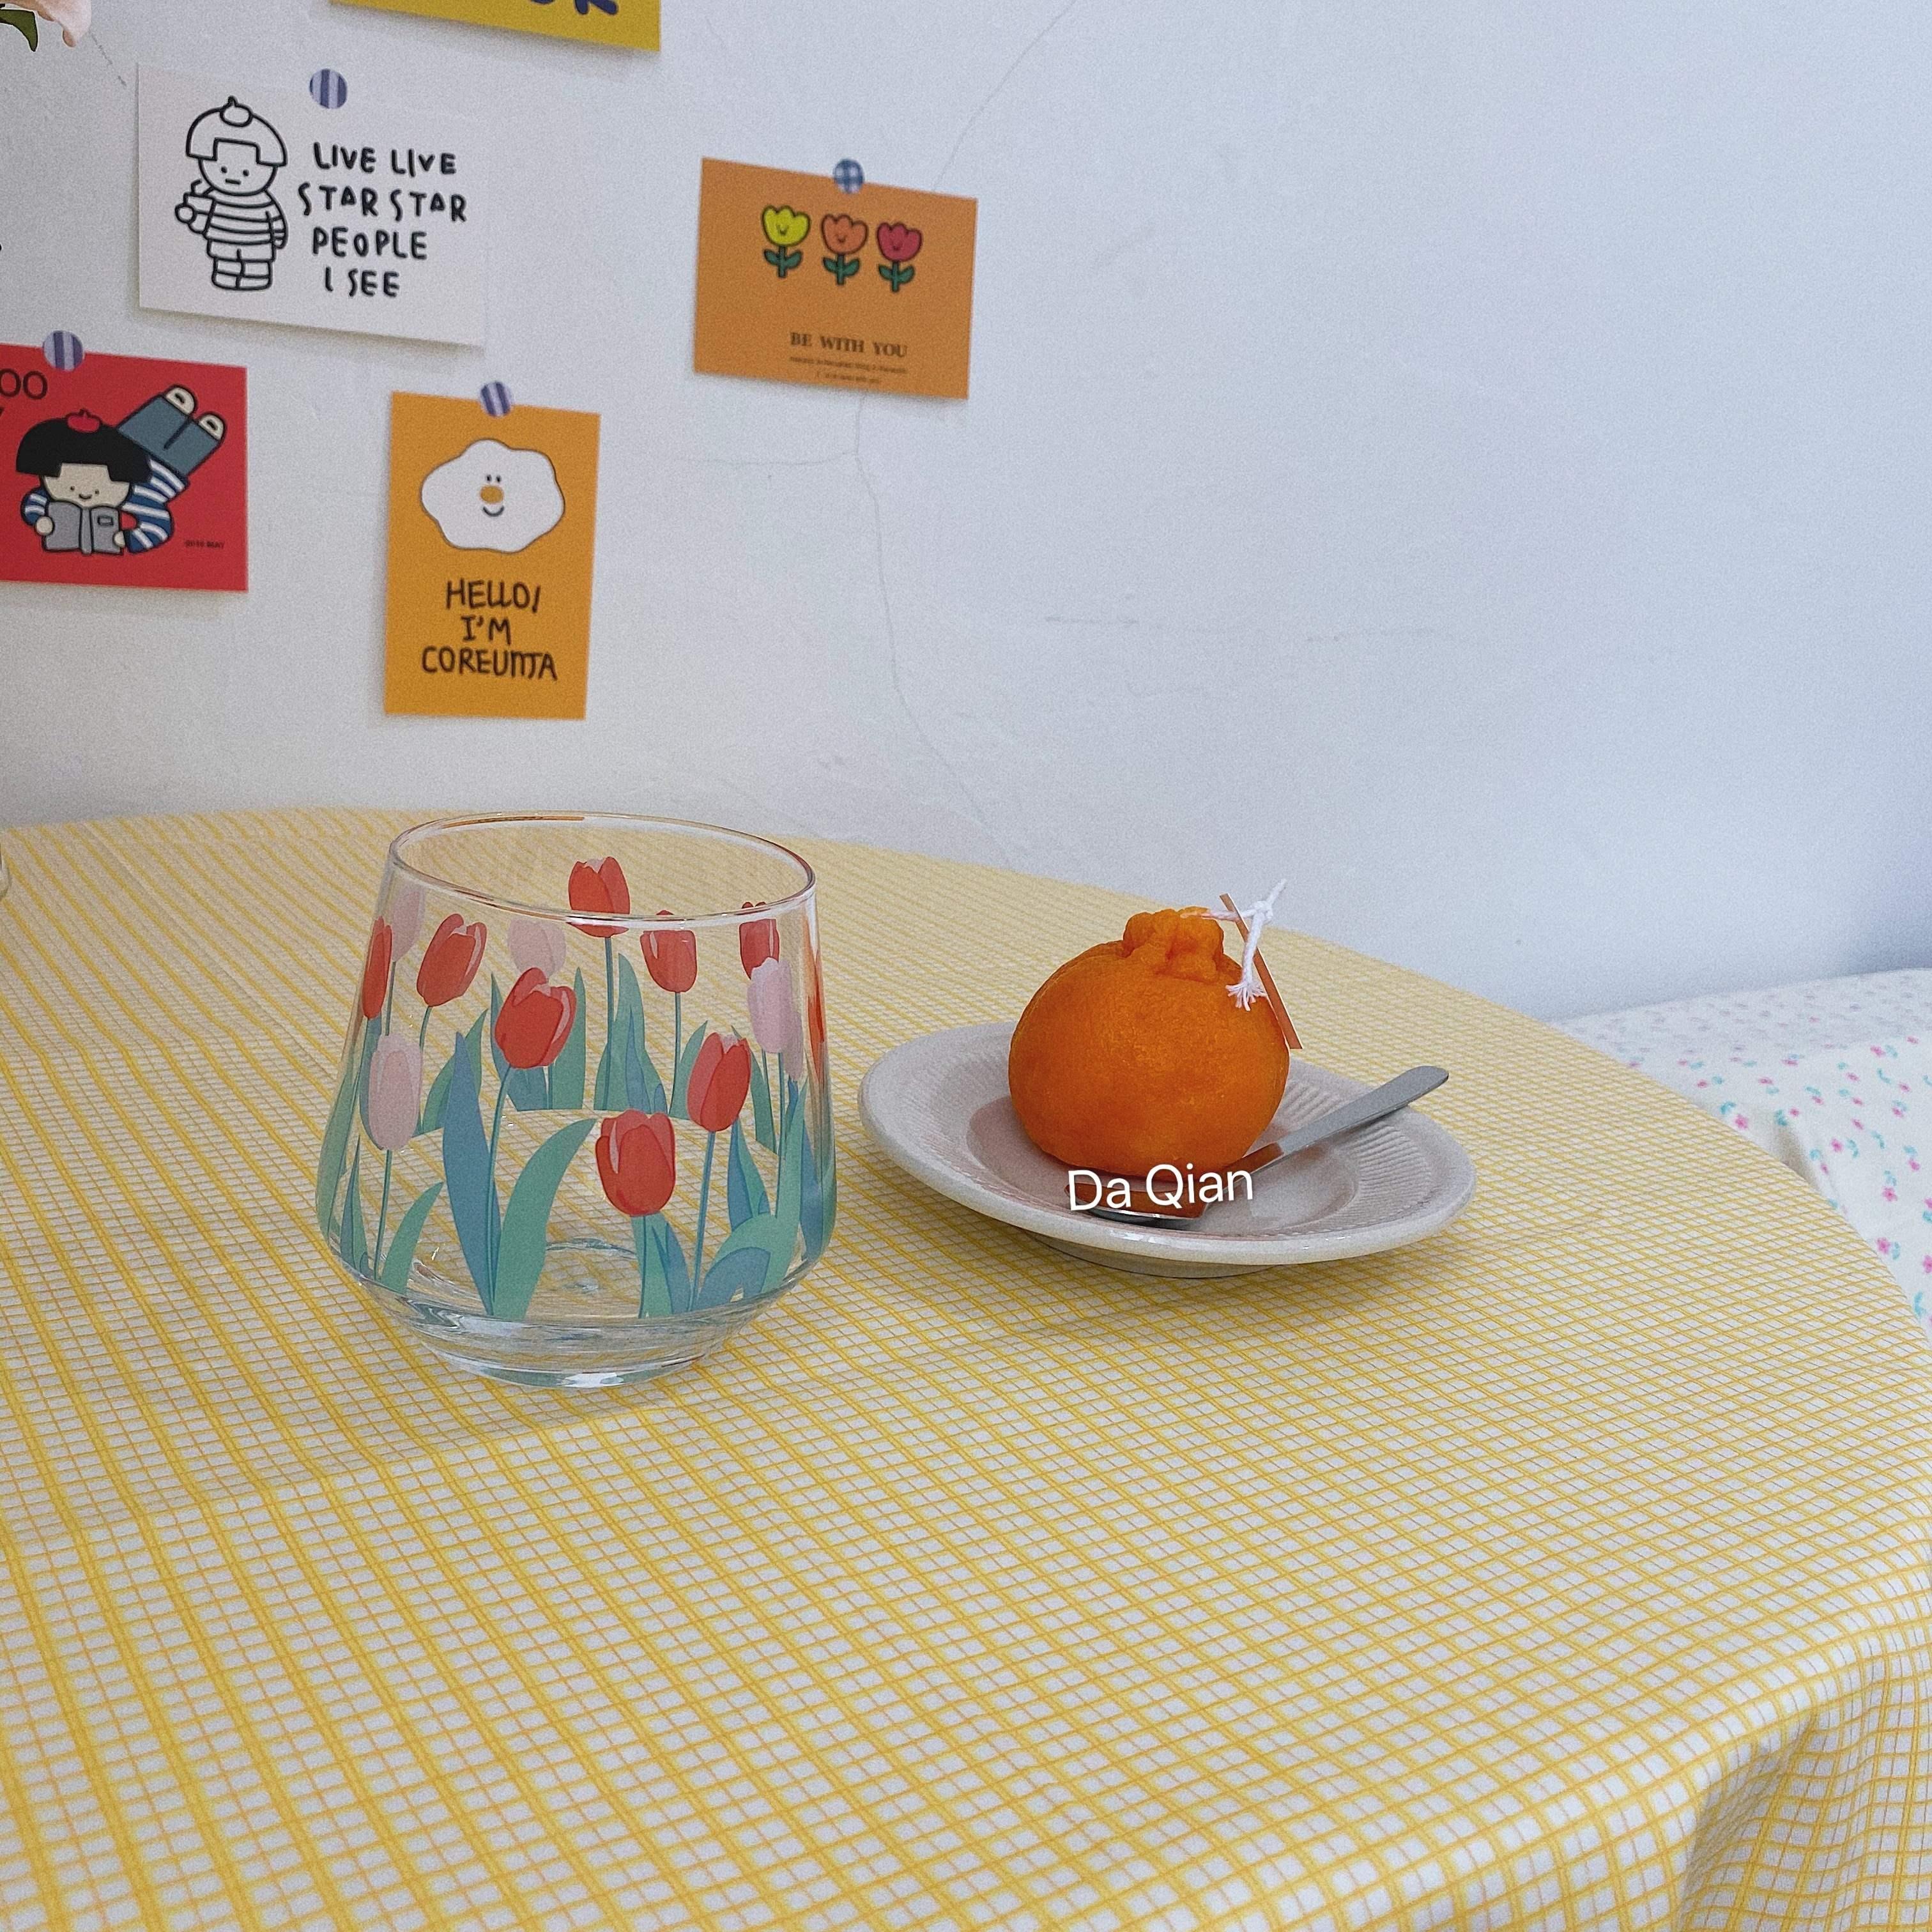 大千印象 ins冰淇淋黄色格子桌布野餐布盖布背景布家居咖啡店摆拍